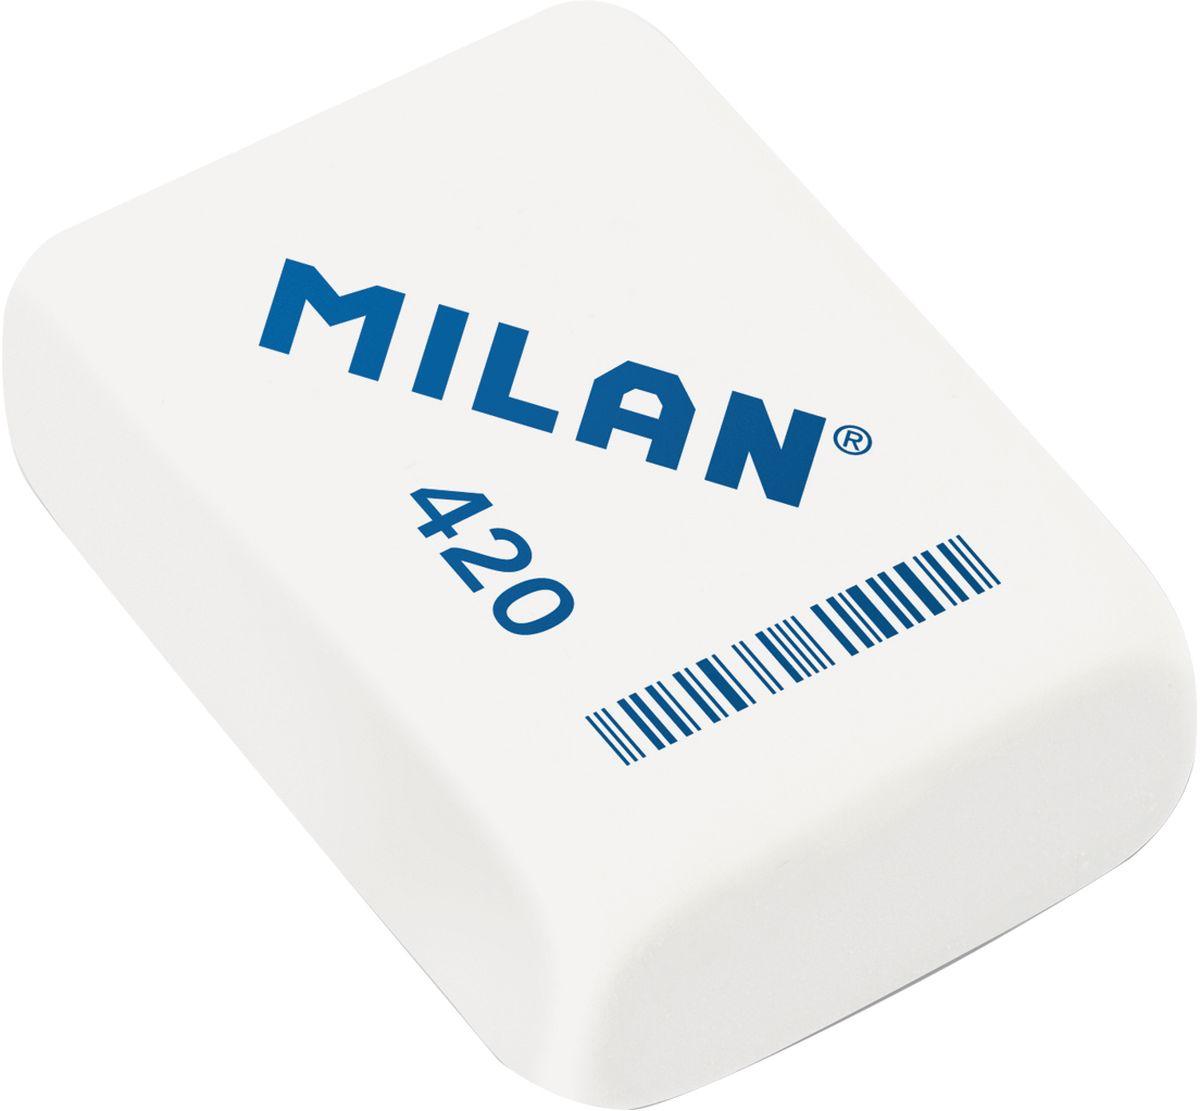 Milan Ластик 420 цвет белый72523WDПоликомпонентный ластик Milan традиционной формы имеет высокую абсорбцию и великолепную структуру.